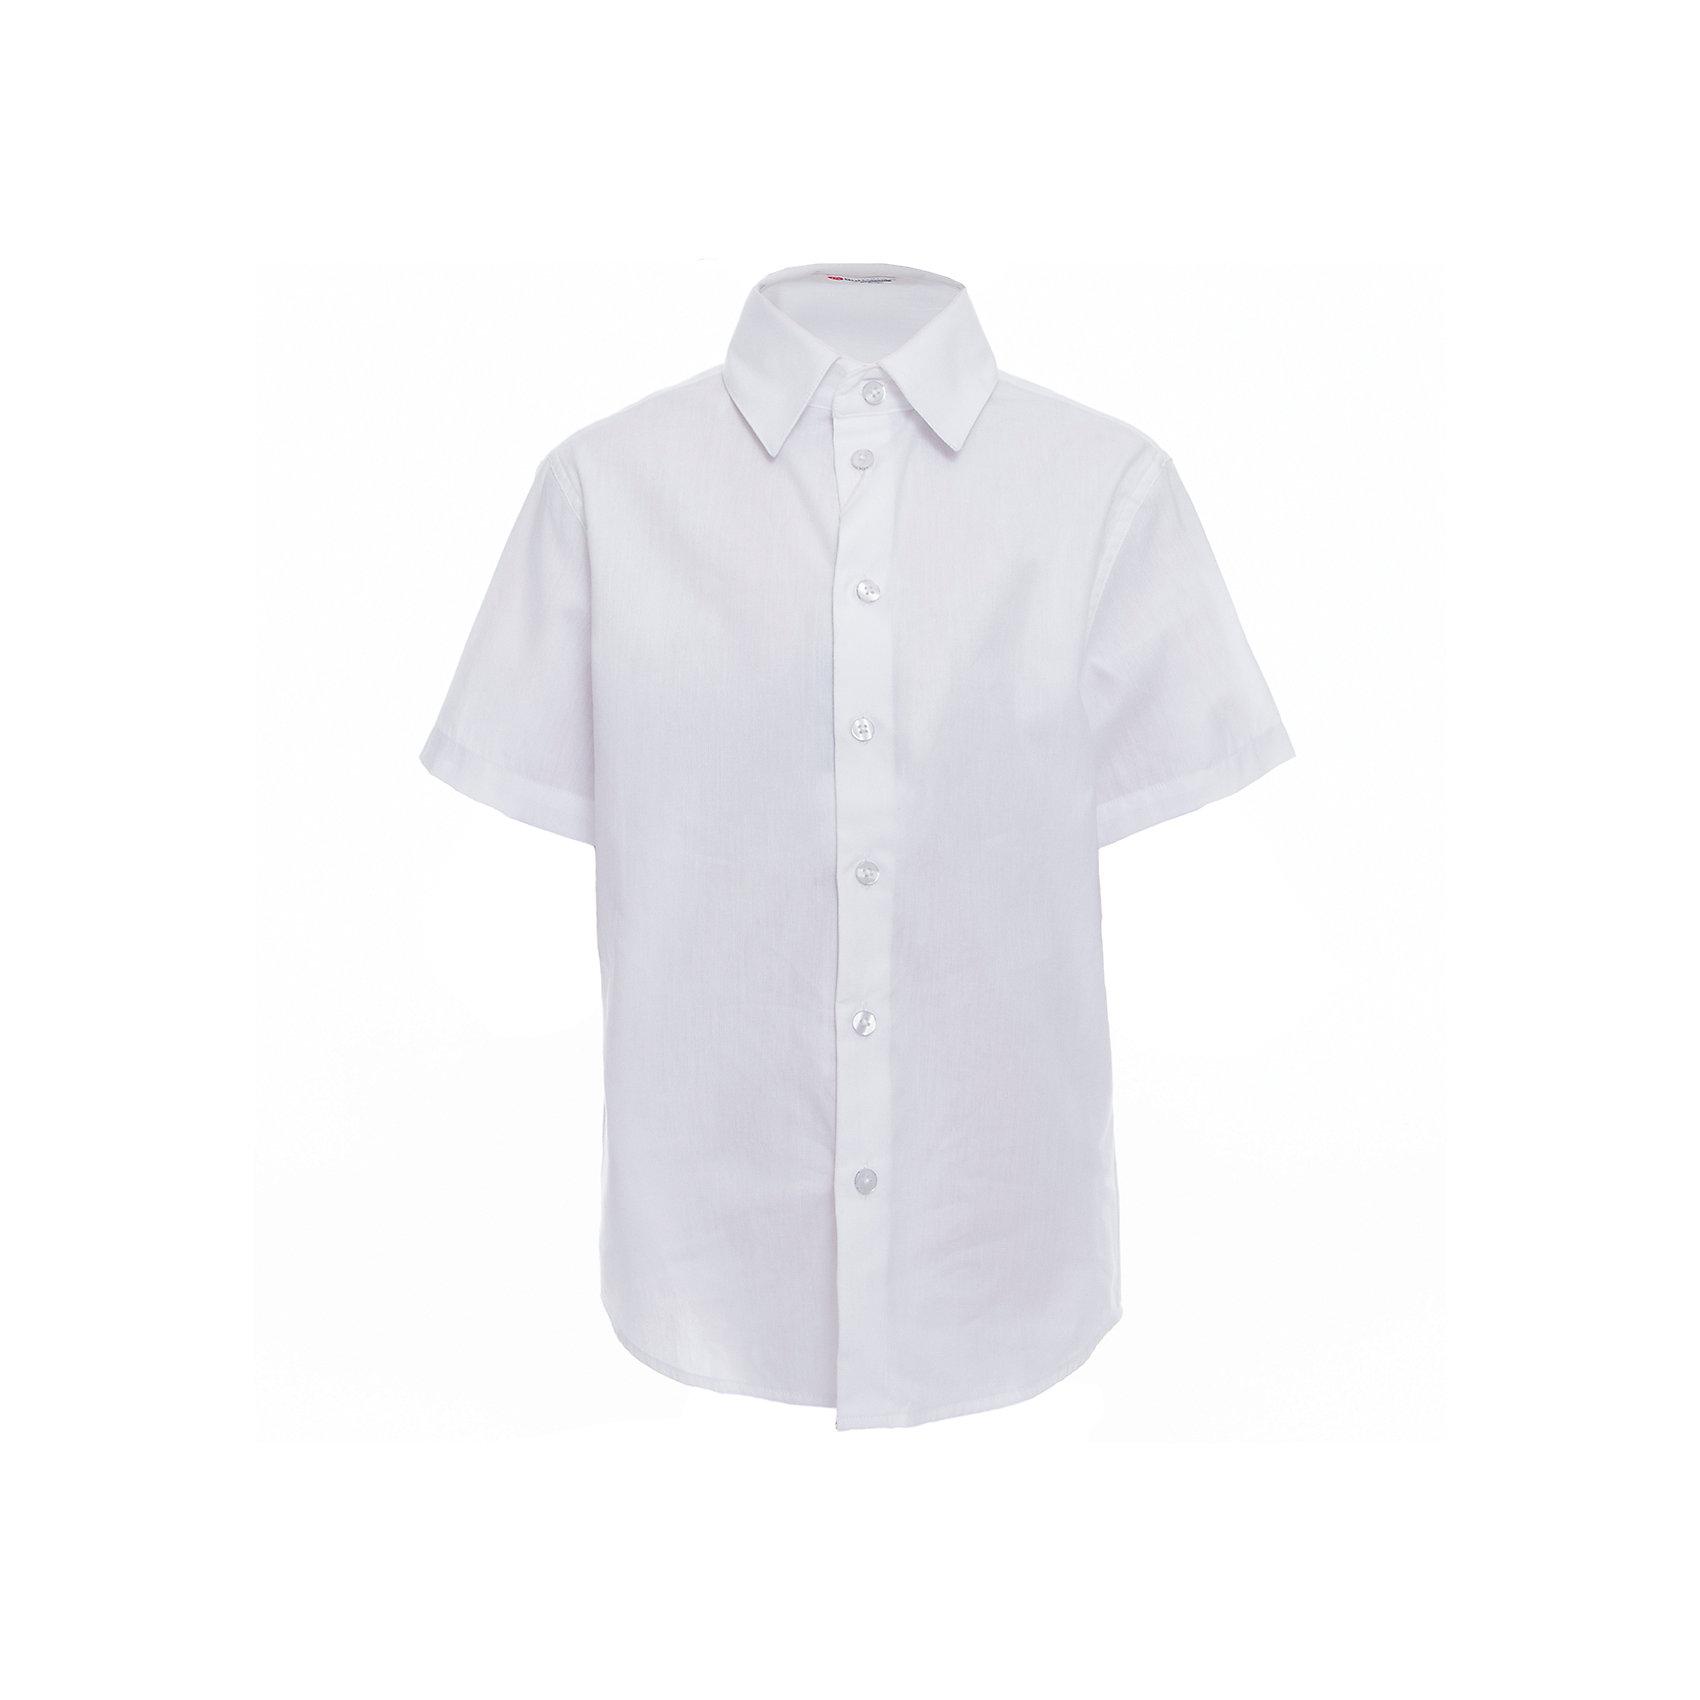 Рубашка для мальчика BUTTON BLUEБлузки и рубашки<br>Рубашка для мальчика BUTTON BLUE<br>Рубашка для мальчика - основа повседневного школьного образа! Школьные рубашки от Button Blue - это качество и комфорт, отличный внешний вид, удобство в уходе, высокая износостойкость. Какая детская рубашка для школы займет место в гардеробе вашего ребенка - зависит только от вас! Готовясь к школьному сезону, вам стоит купить рубашки в трех-четырех цветах, чтобы разнообразить будни ученика.<br>Состав:<br>60% хлопок                40% полиэстер<br><br>Ширина мм: 174<br>Глубина мм: 10<br>Высота мм: 169<br>Вес г: 157<br>Цвет: белый<br>Возраст от месяцев: 156<br>Возраст до месяцев: 168<br>Пол: Мужской<br>Возраст: Детский<br>Размер: 164,122,128,134,140,146,152,158<br>SKU: 6739135